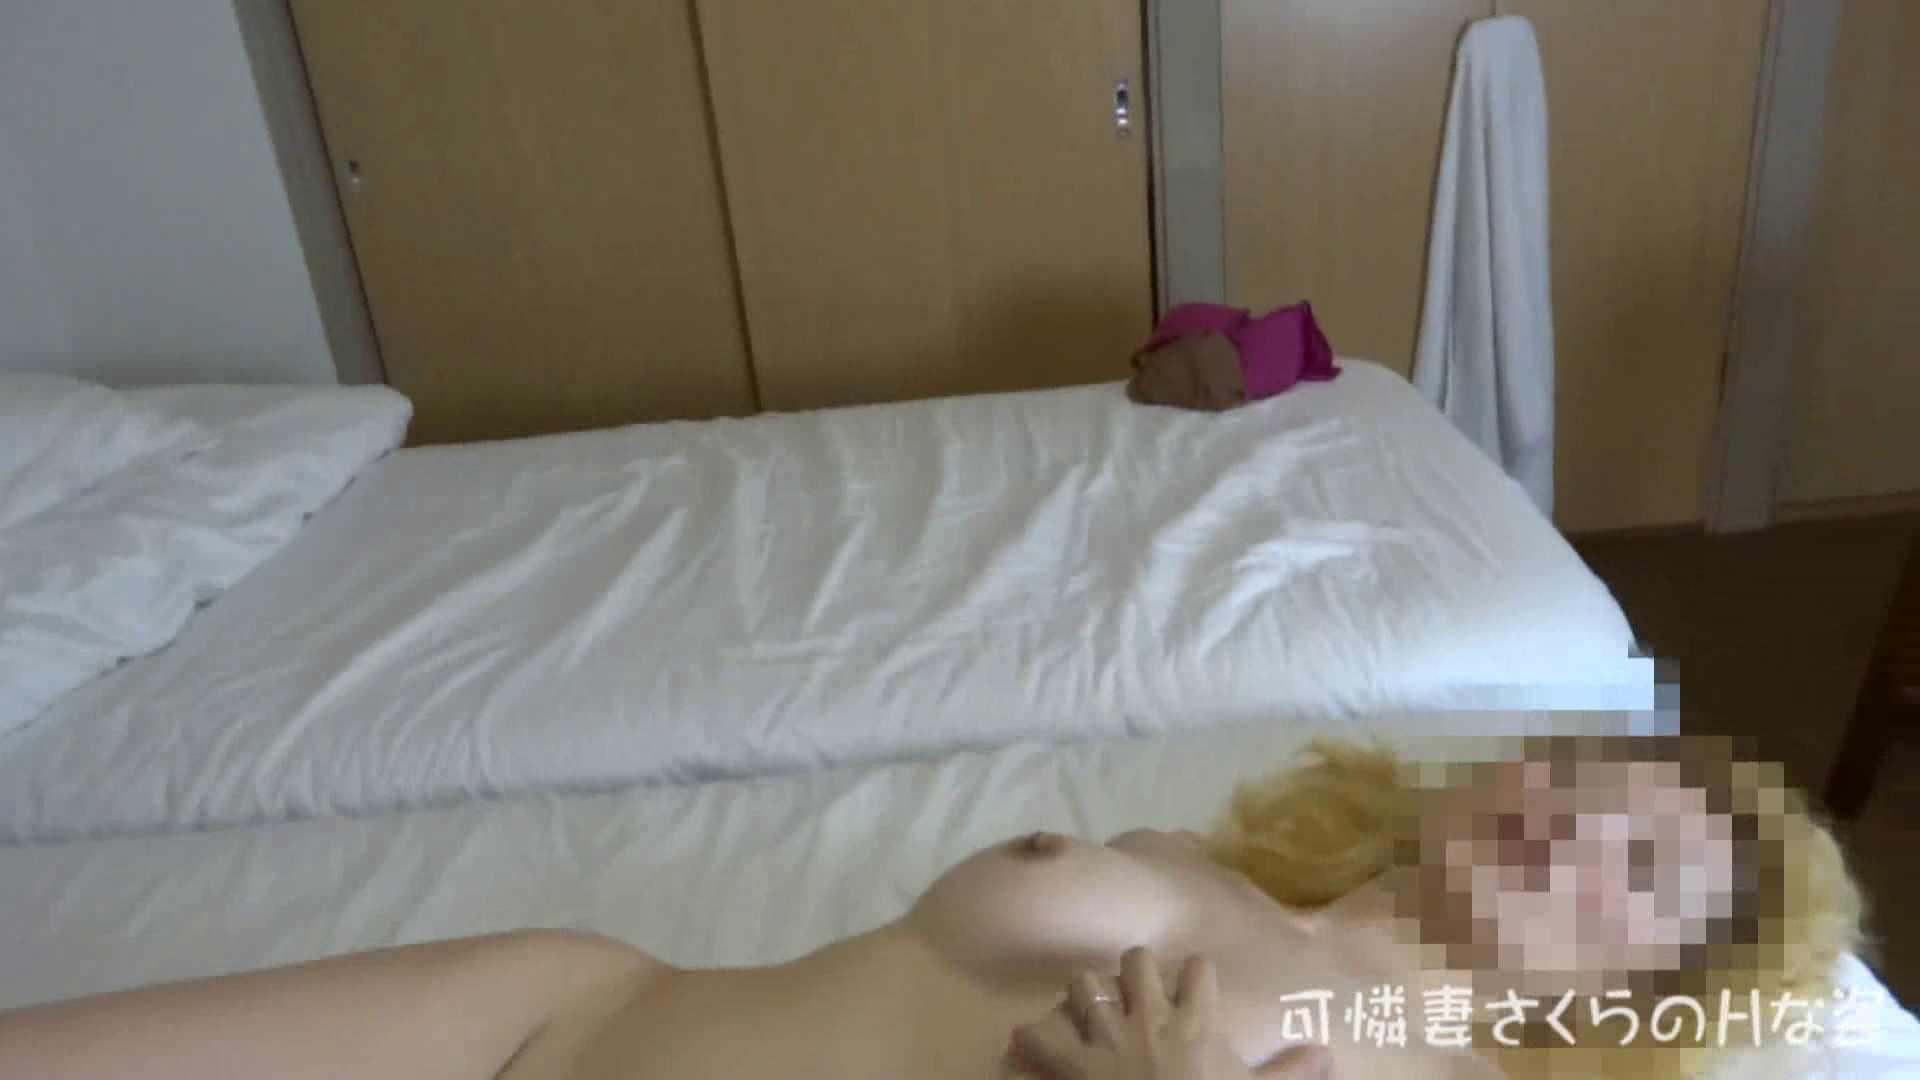 可憐妻さくらのHな姿vol.17 熟女の裸体 | OL裸体  97画像 97